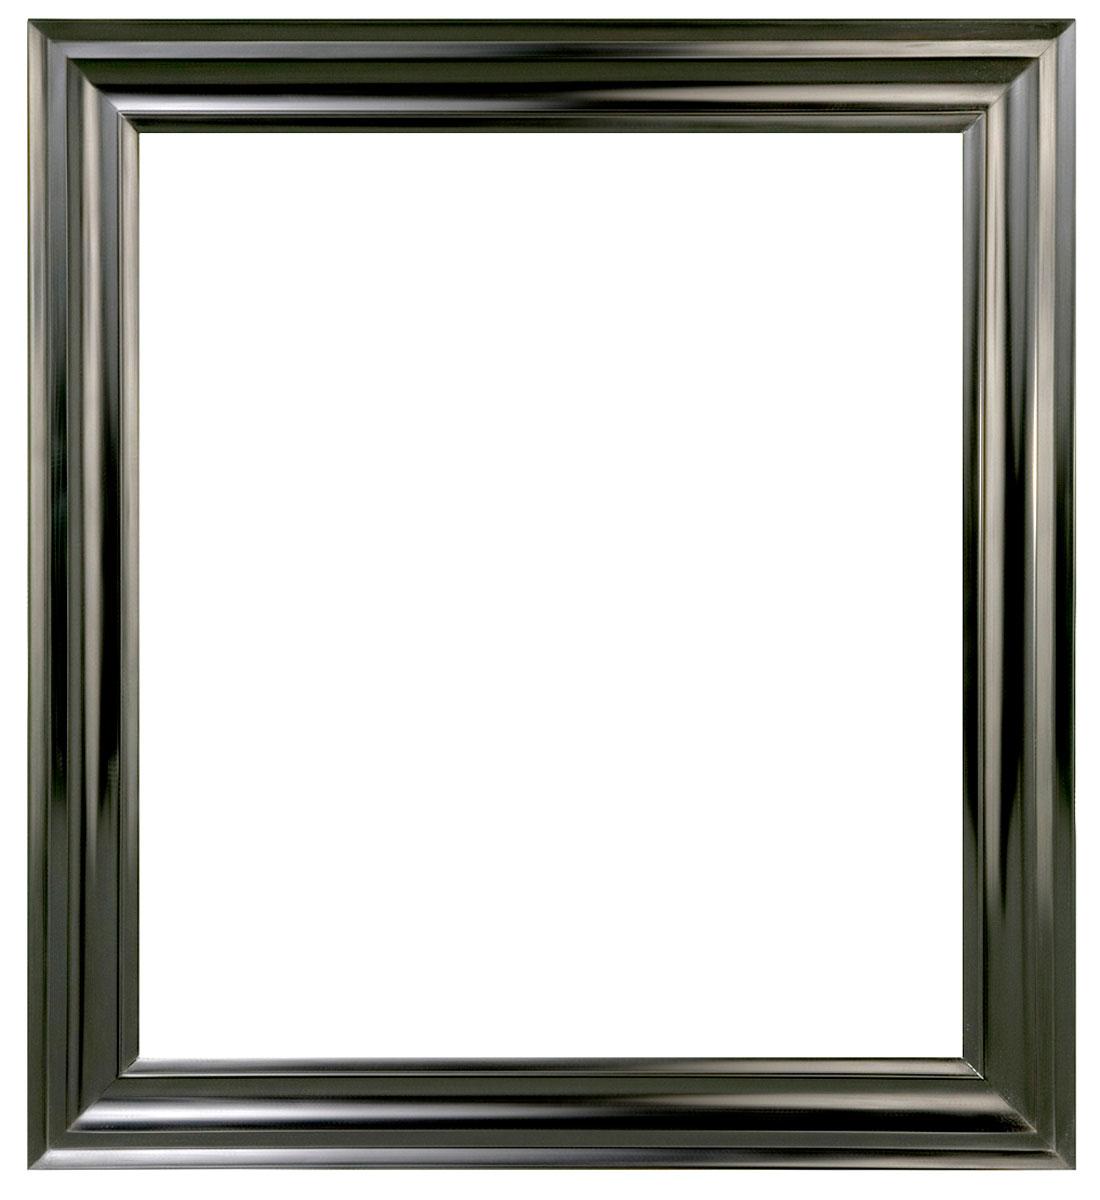 John davies framing frame gallery scotia jeuxipadfo Images